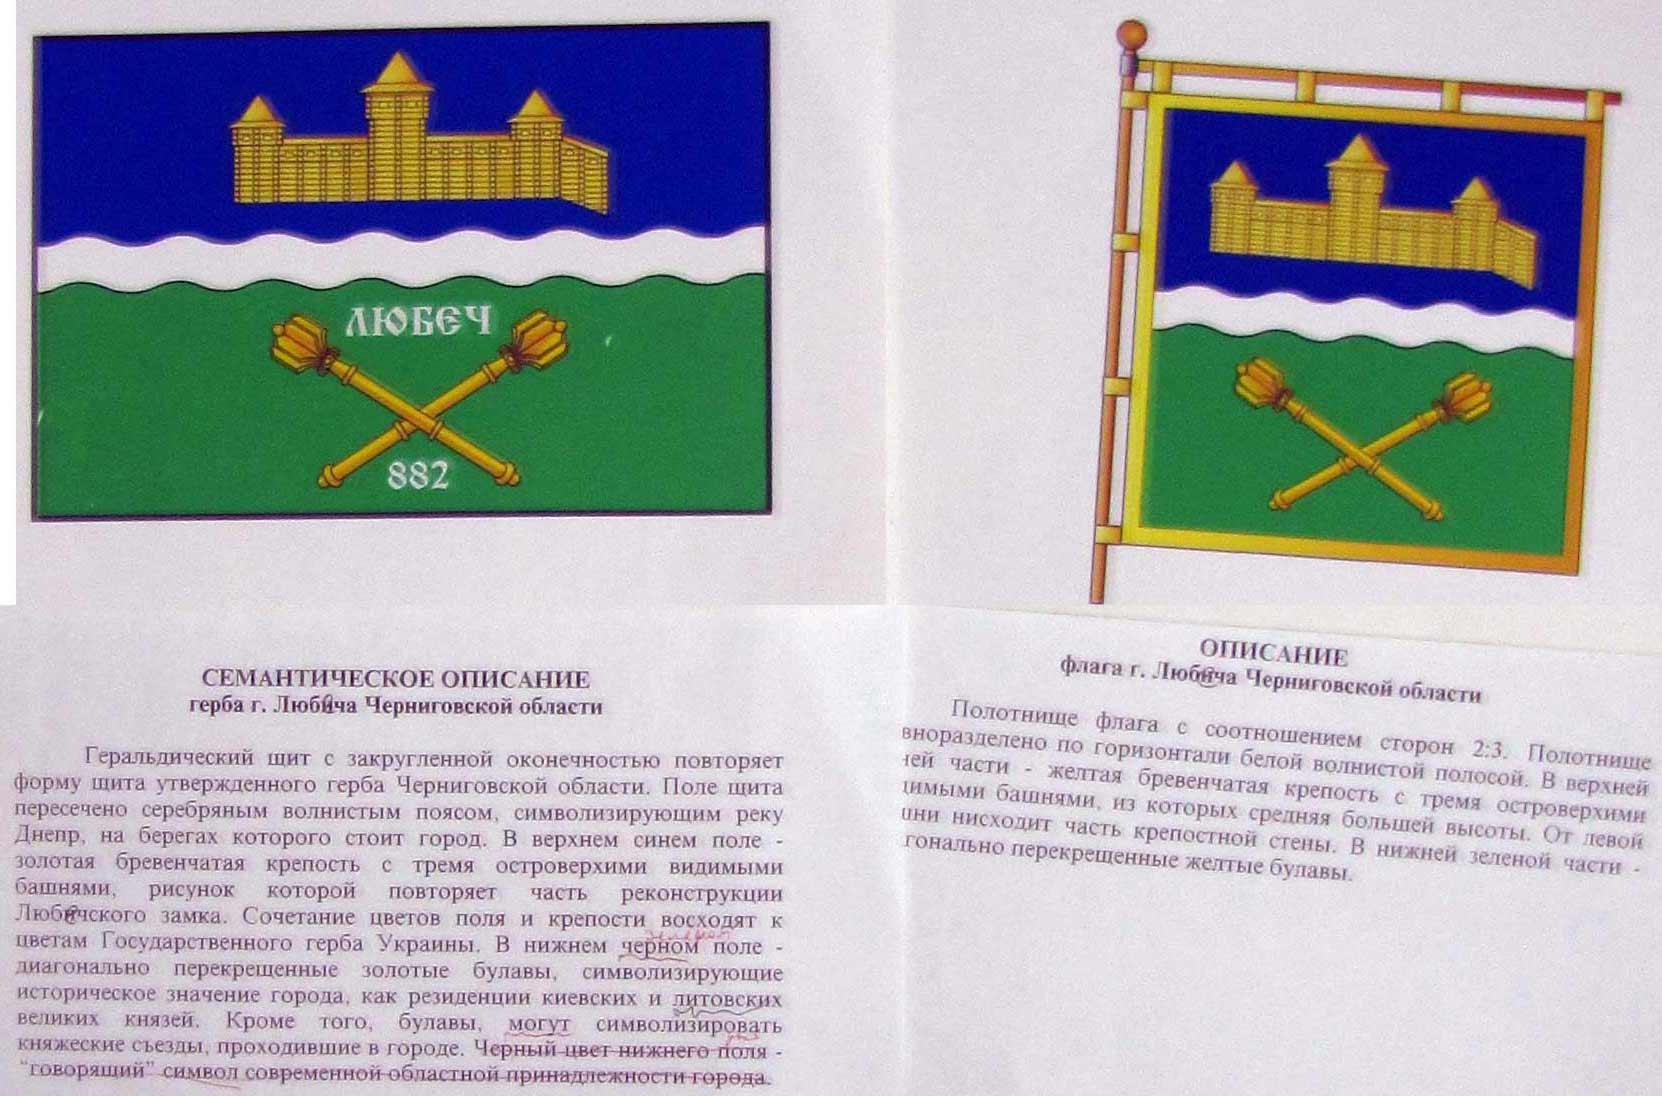 Герб і прапор Любеча, створені В.І. Бахмутом